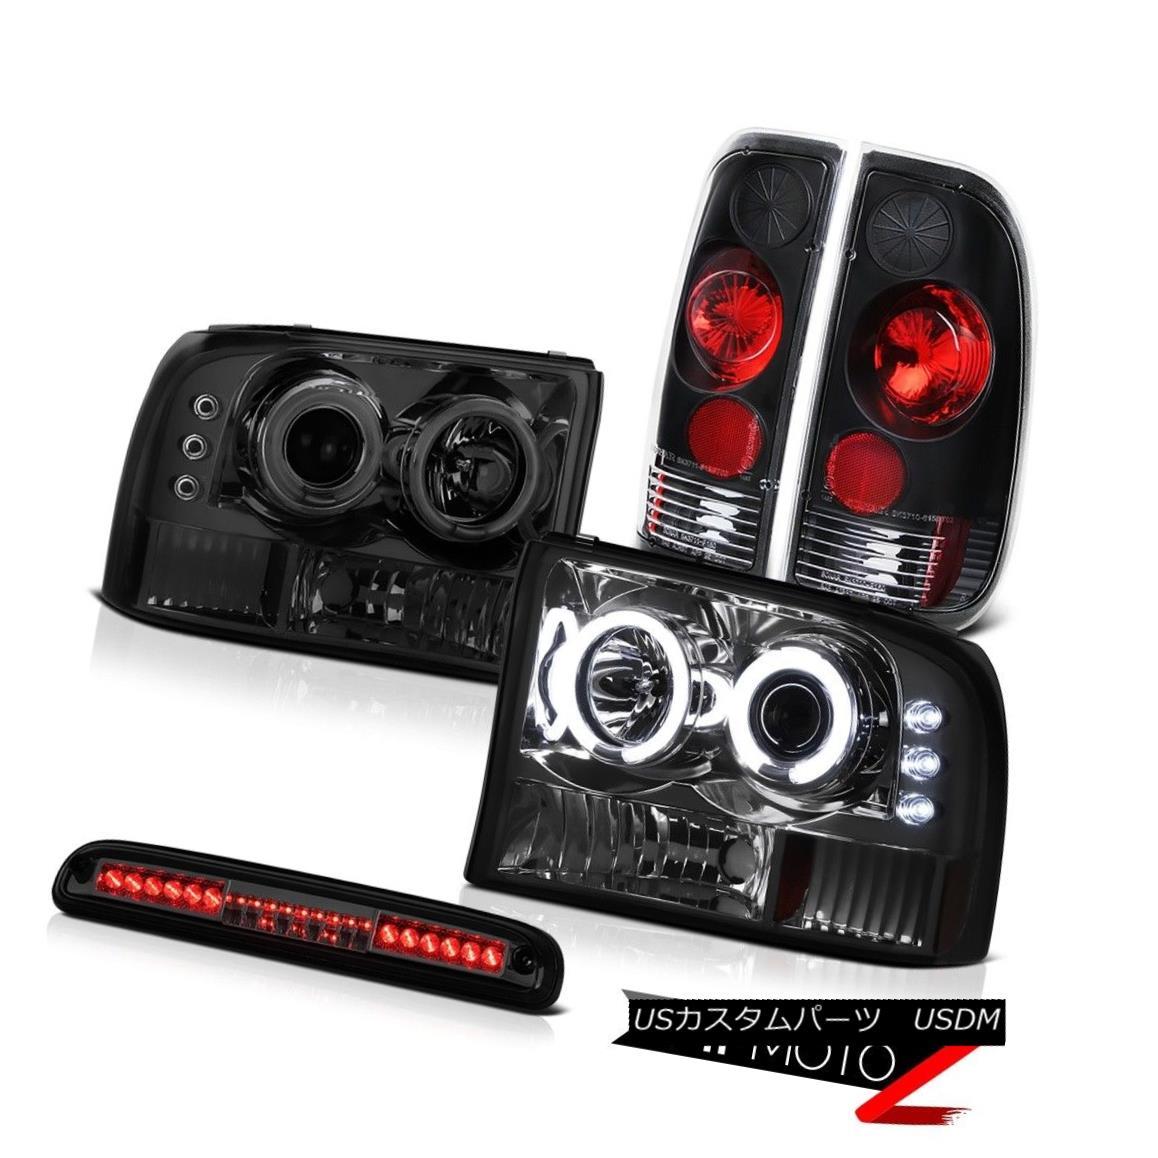 ヘッドライト 99-04 F350 6.8L Smoke CCFL Ring Headlights Black Tail Light Tinted 3rd Brake LED 99-04 F350 6.8L煙CCFLリングヘッドライトブラックテールライトティント付き第3ブレーキLED